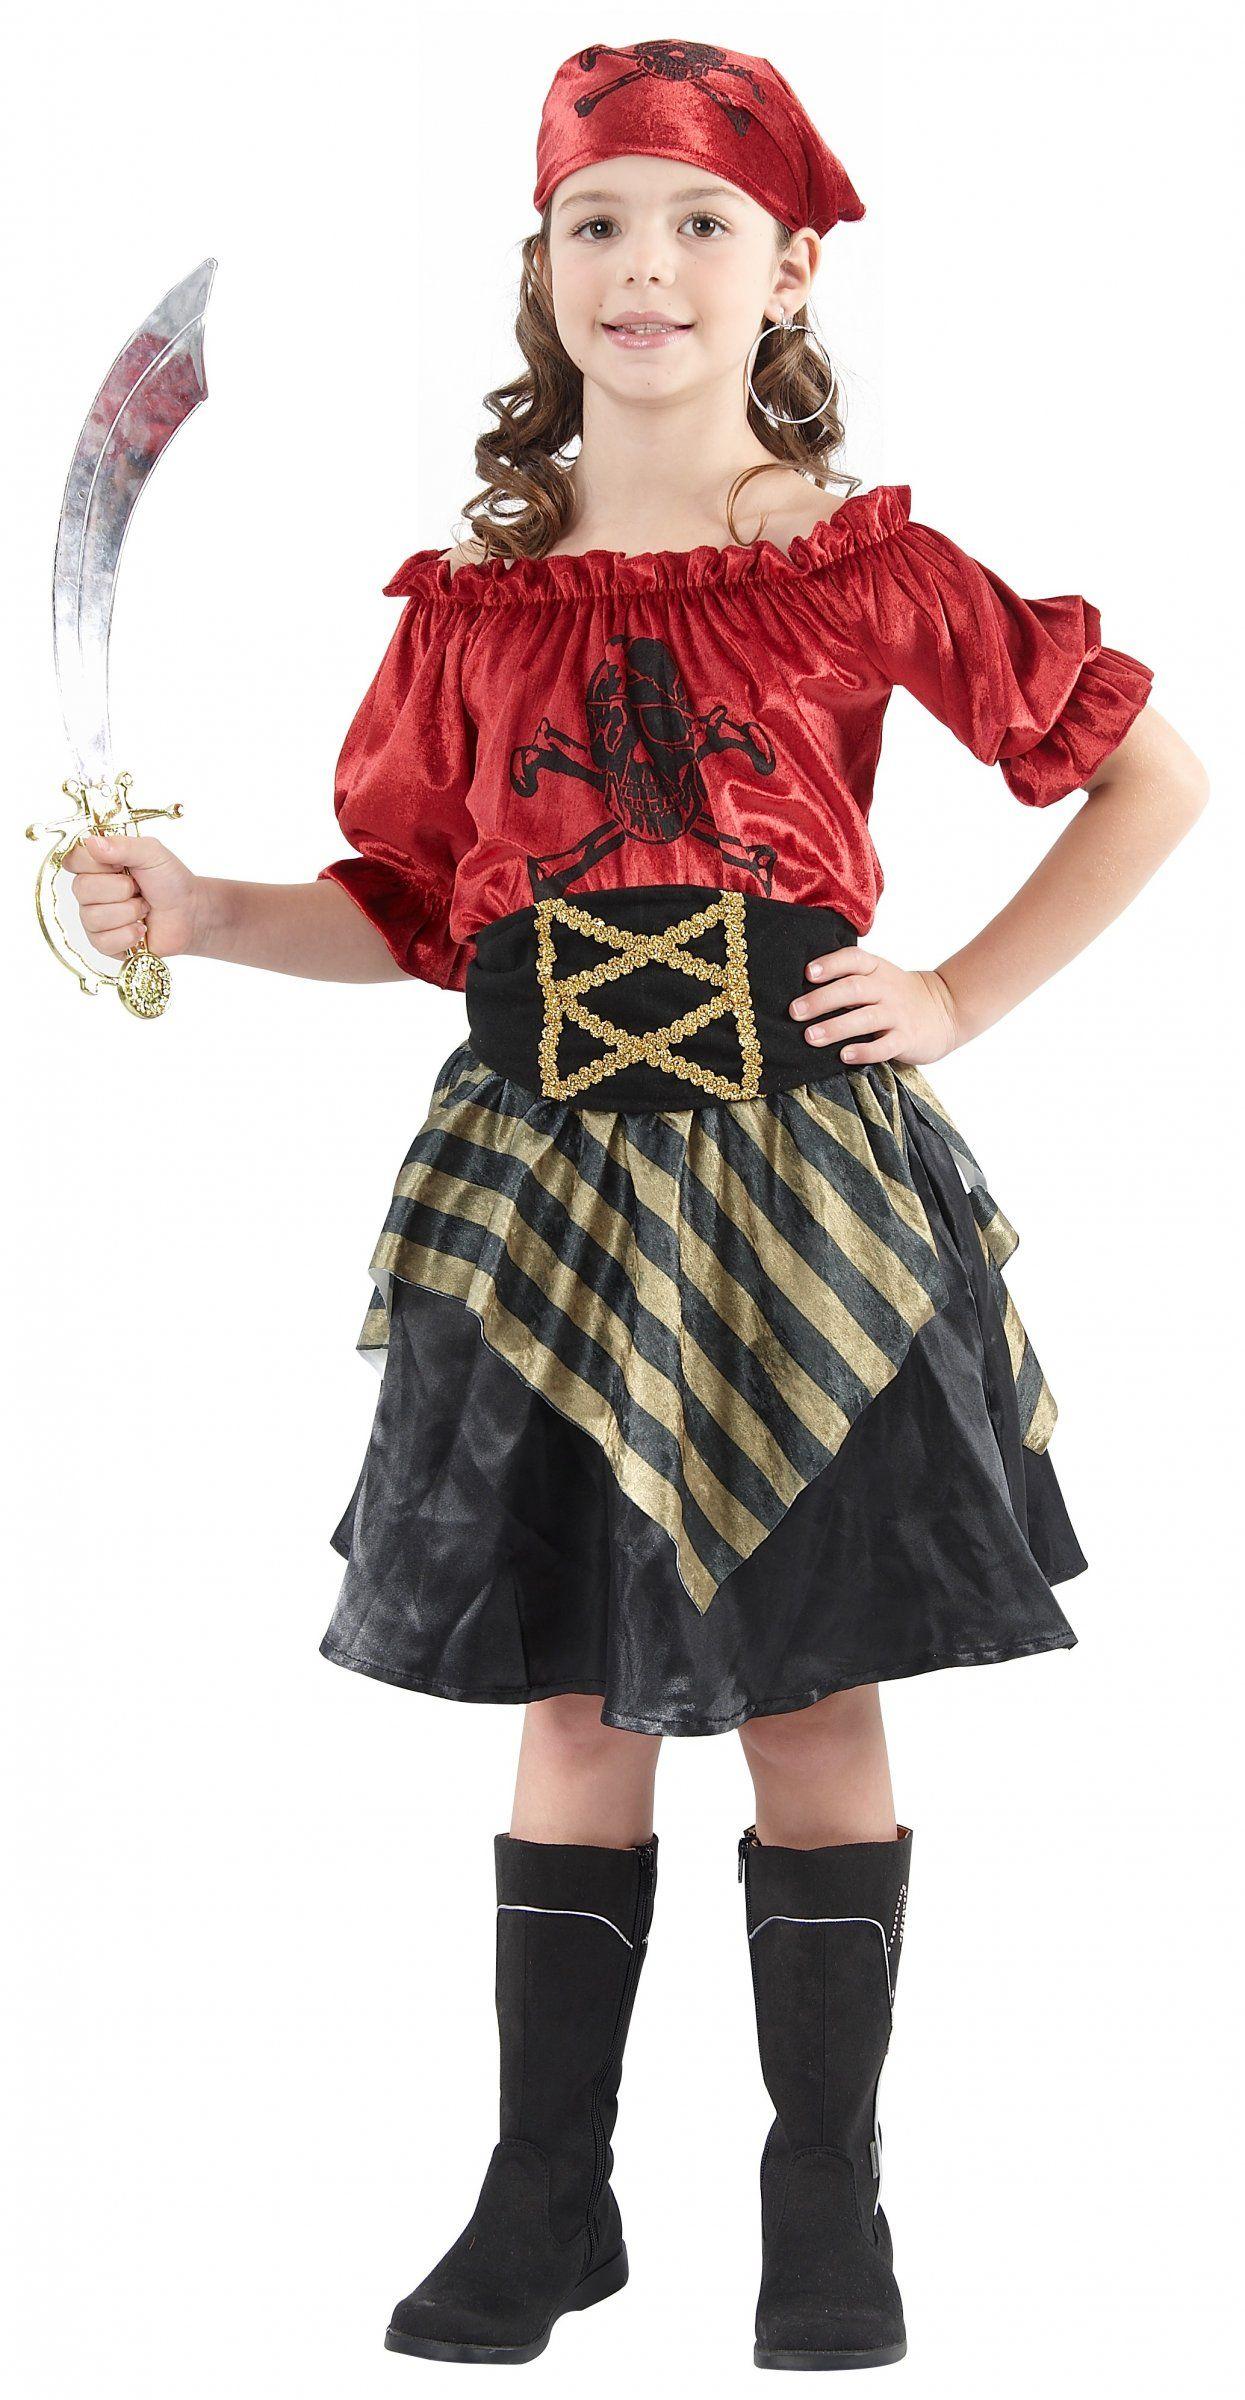 piraten kinderkost m f r m dchen schwarz rot goldfarben. Black Bedroom Furniture Sets. Home Design Ideas